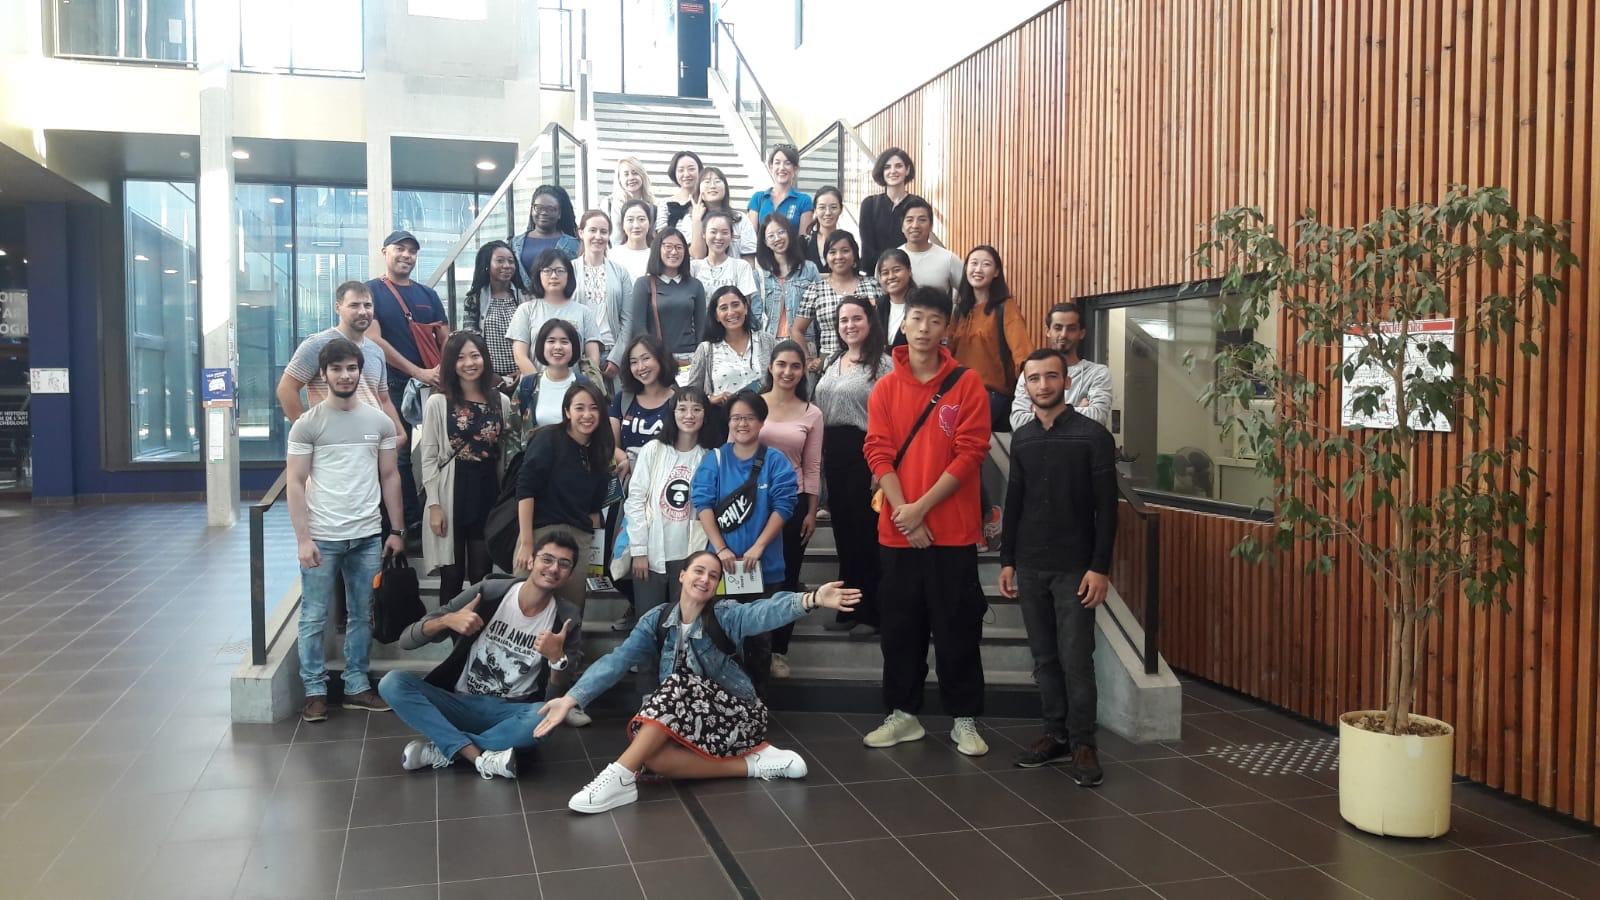 Les étudiants du SUL visitent le campus